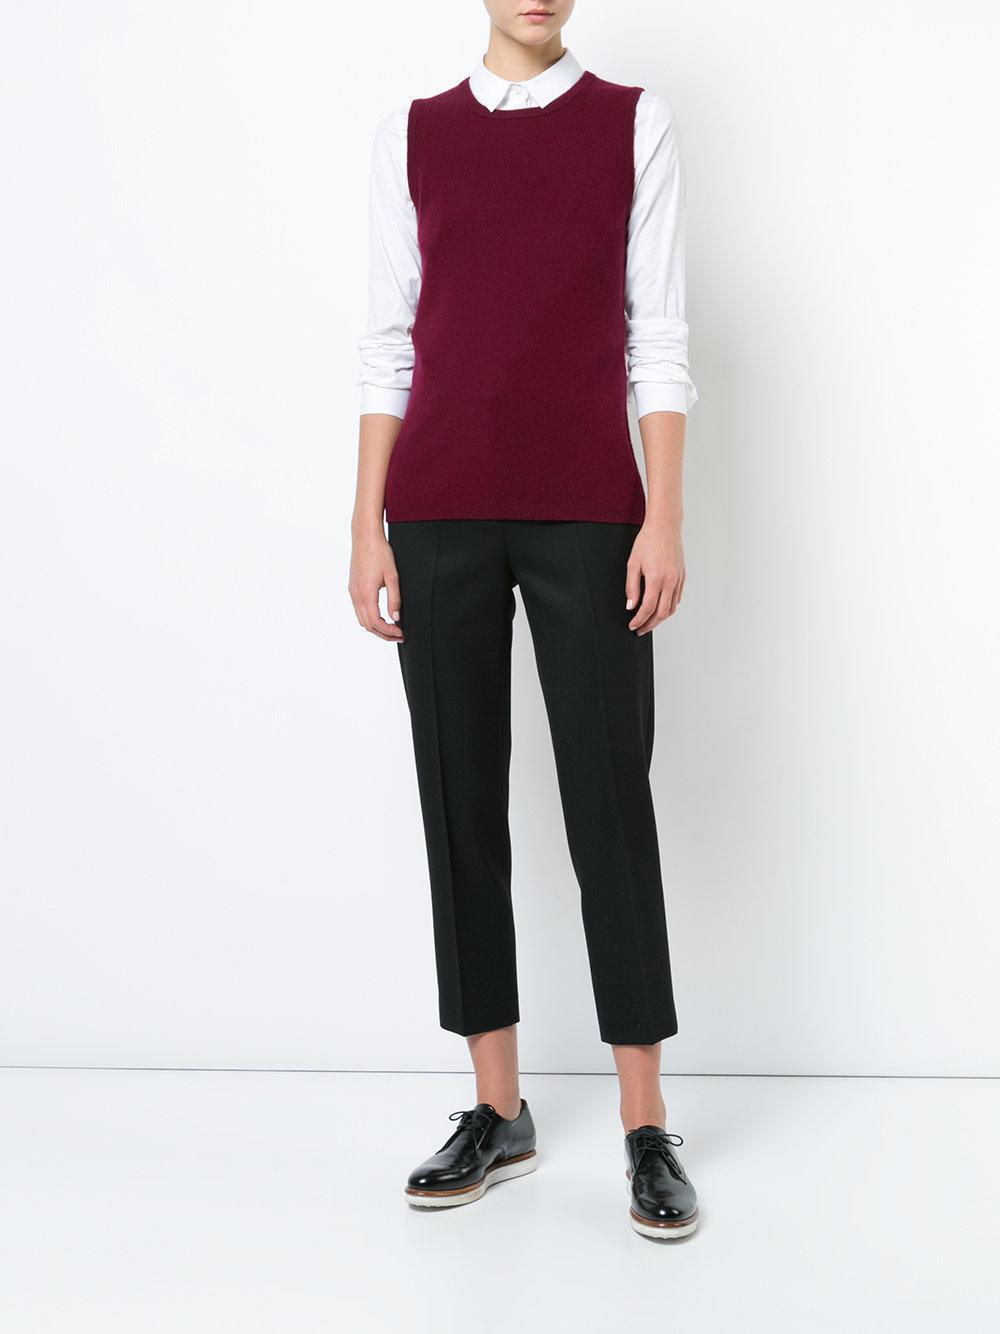 Sofia cashmere Crew Neck Sweater Vest in Purple | Lyst